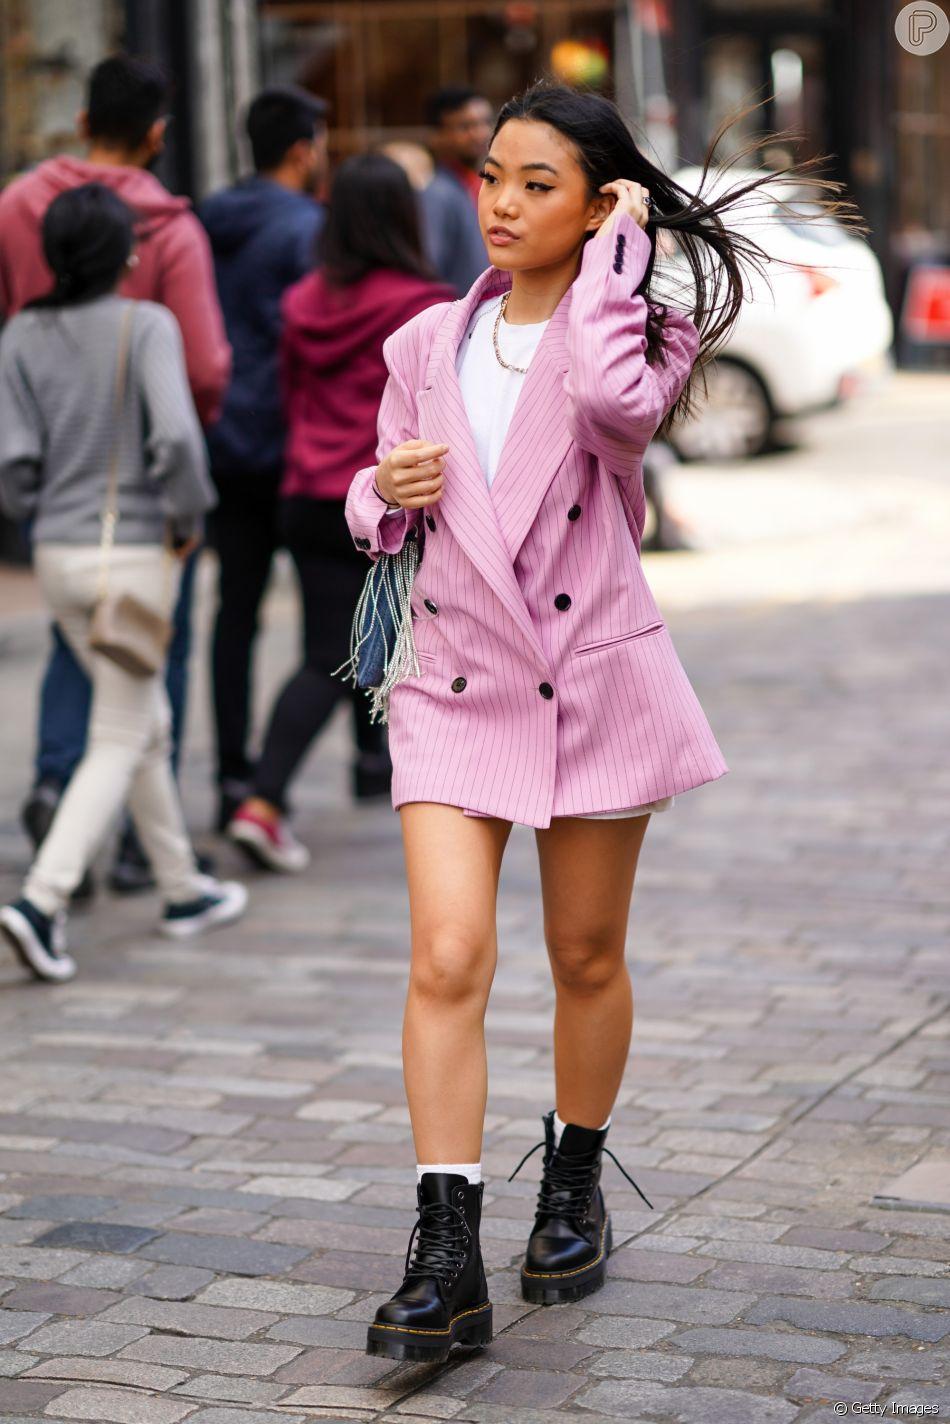 Usar o blazer como vestido é outra tendência que caiu no gosto das fashionistas neste inverno